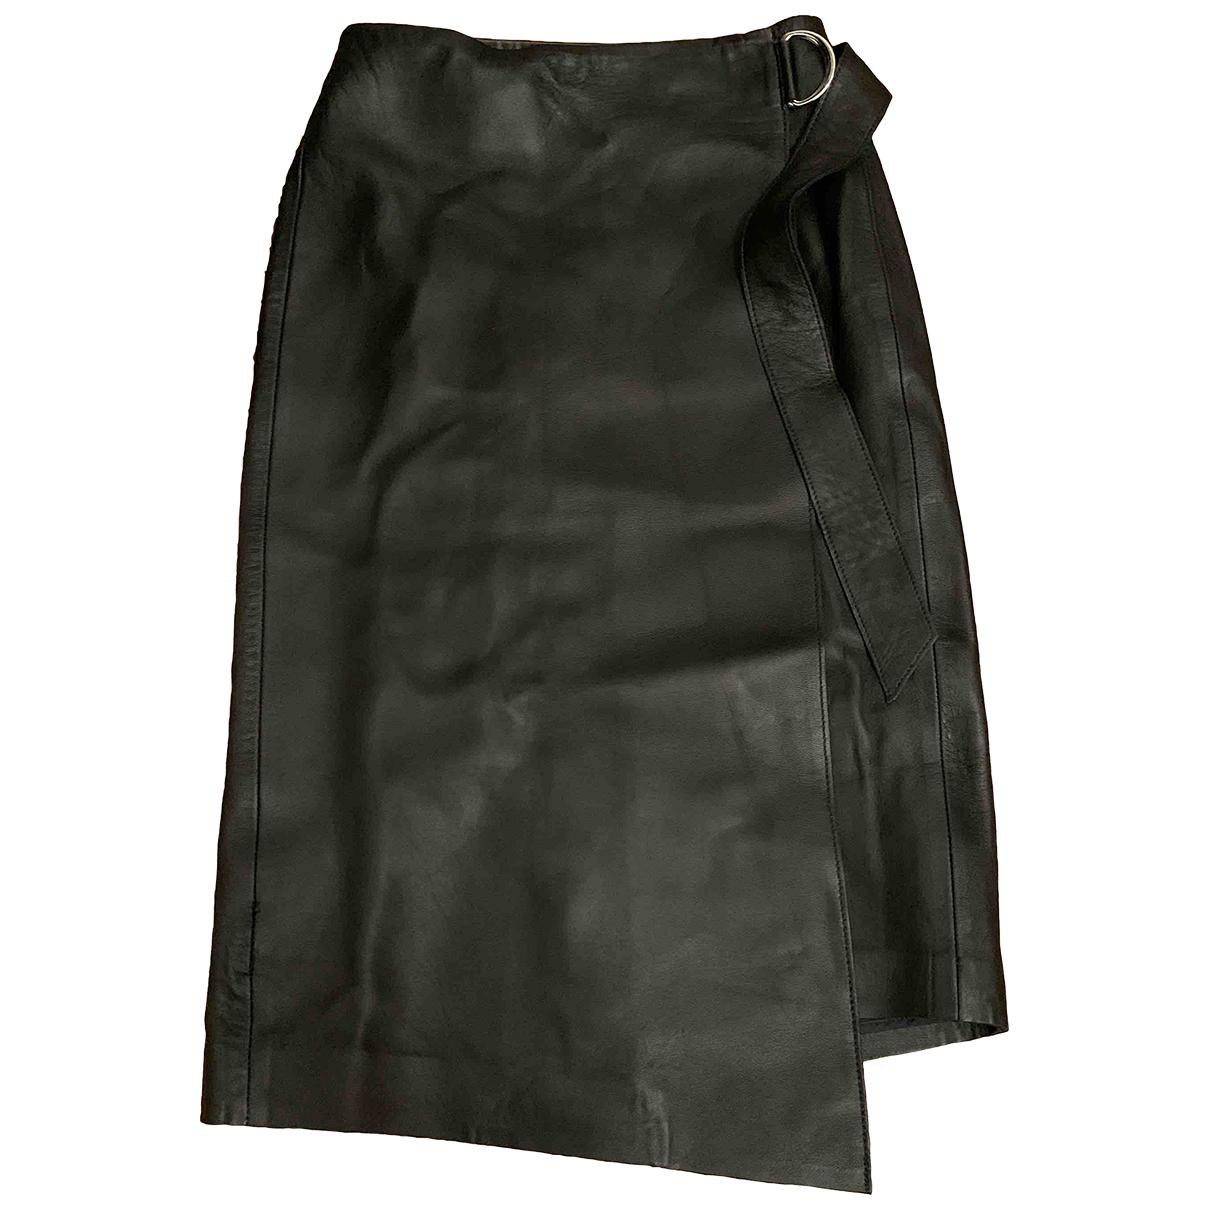 & Stories \N Black Leather skirt for Women 34 FR